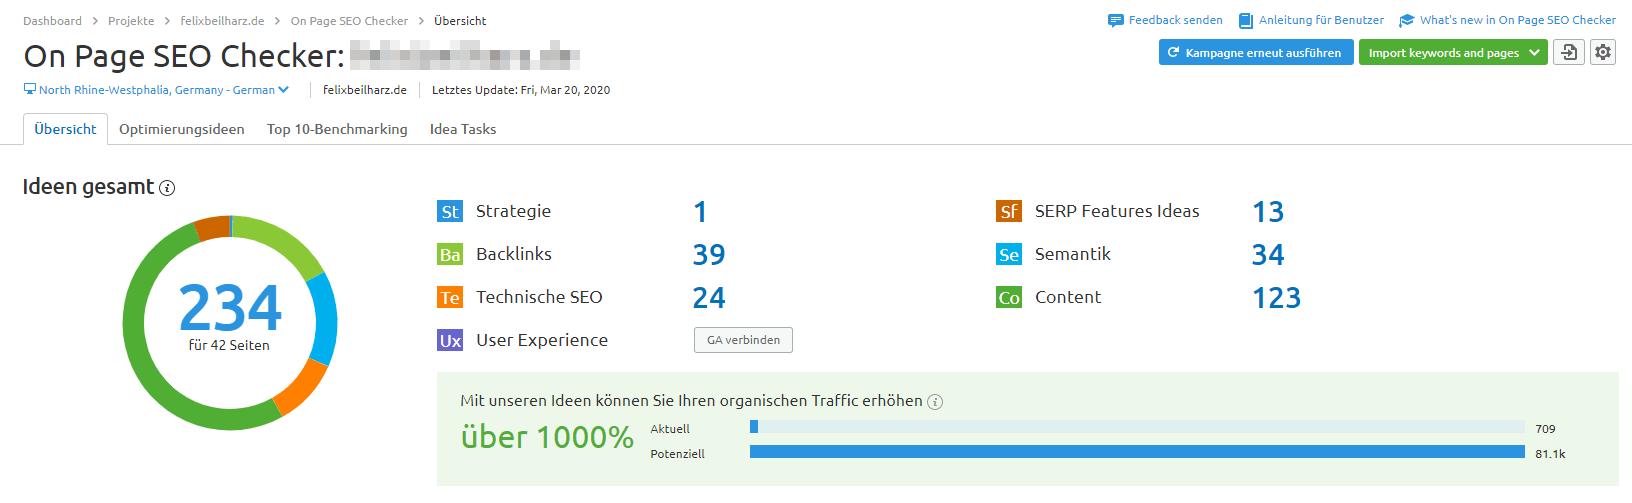 Onpage-Optimierungs-Empfehlungen von SEMrush